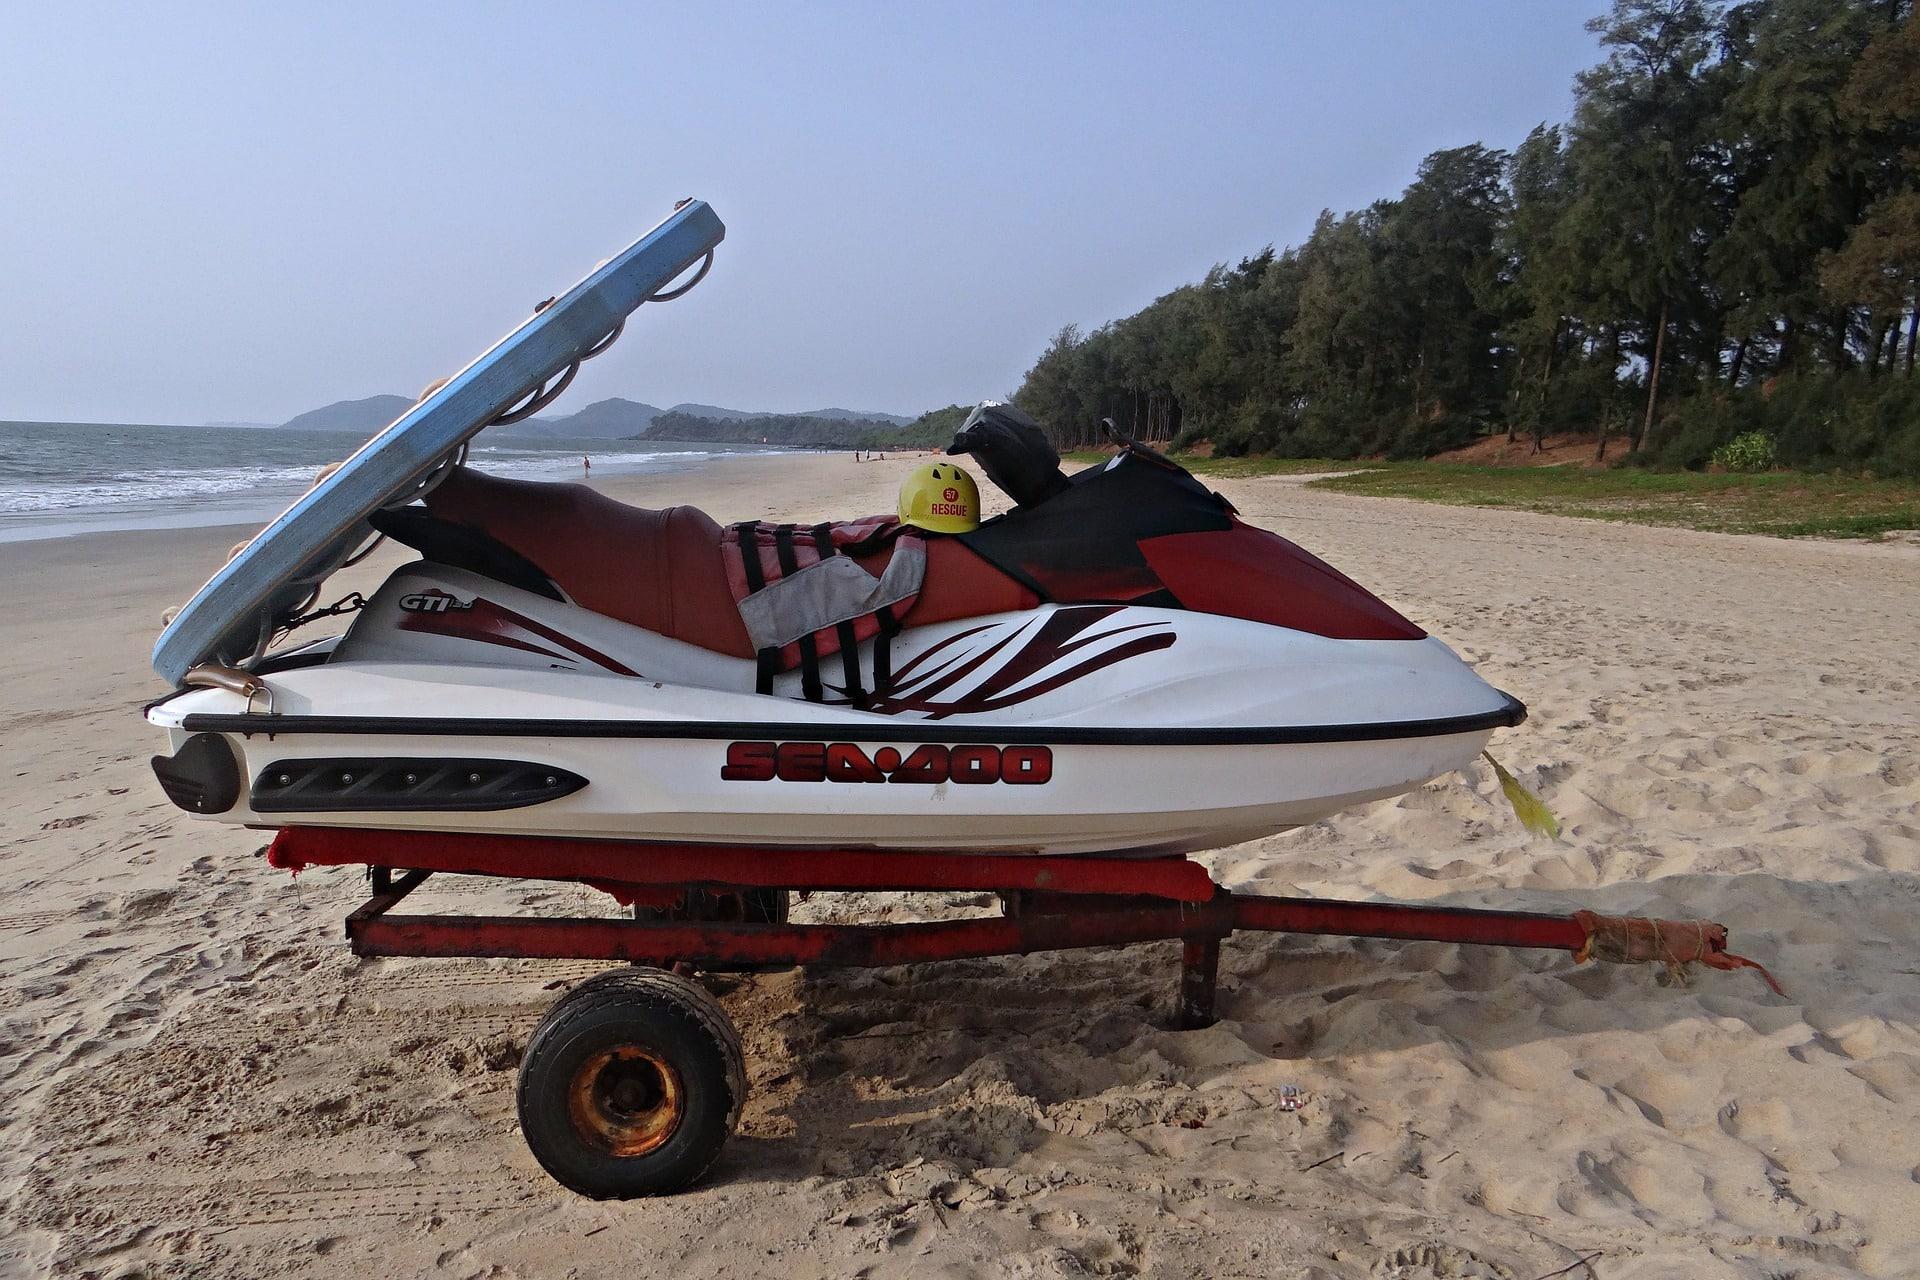 水上バイクの牽引トレーラーは任意保険で賠償部分のみ補償される